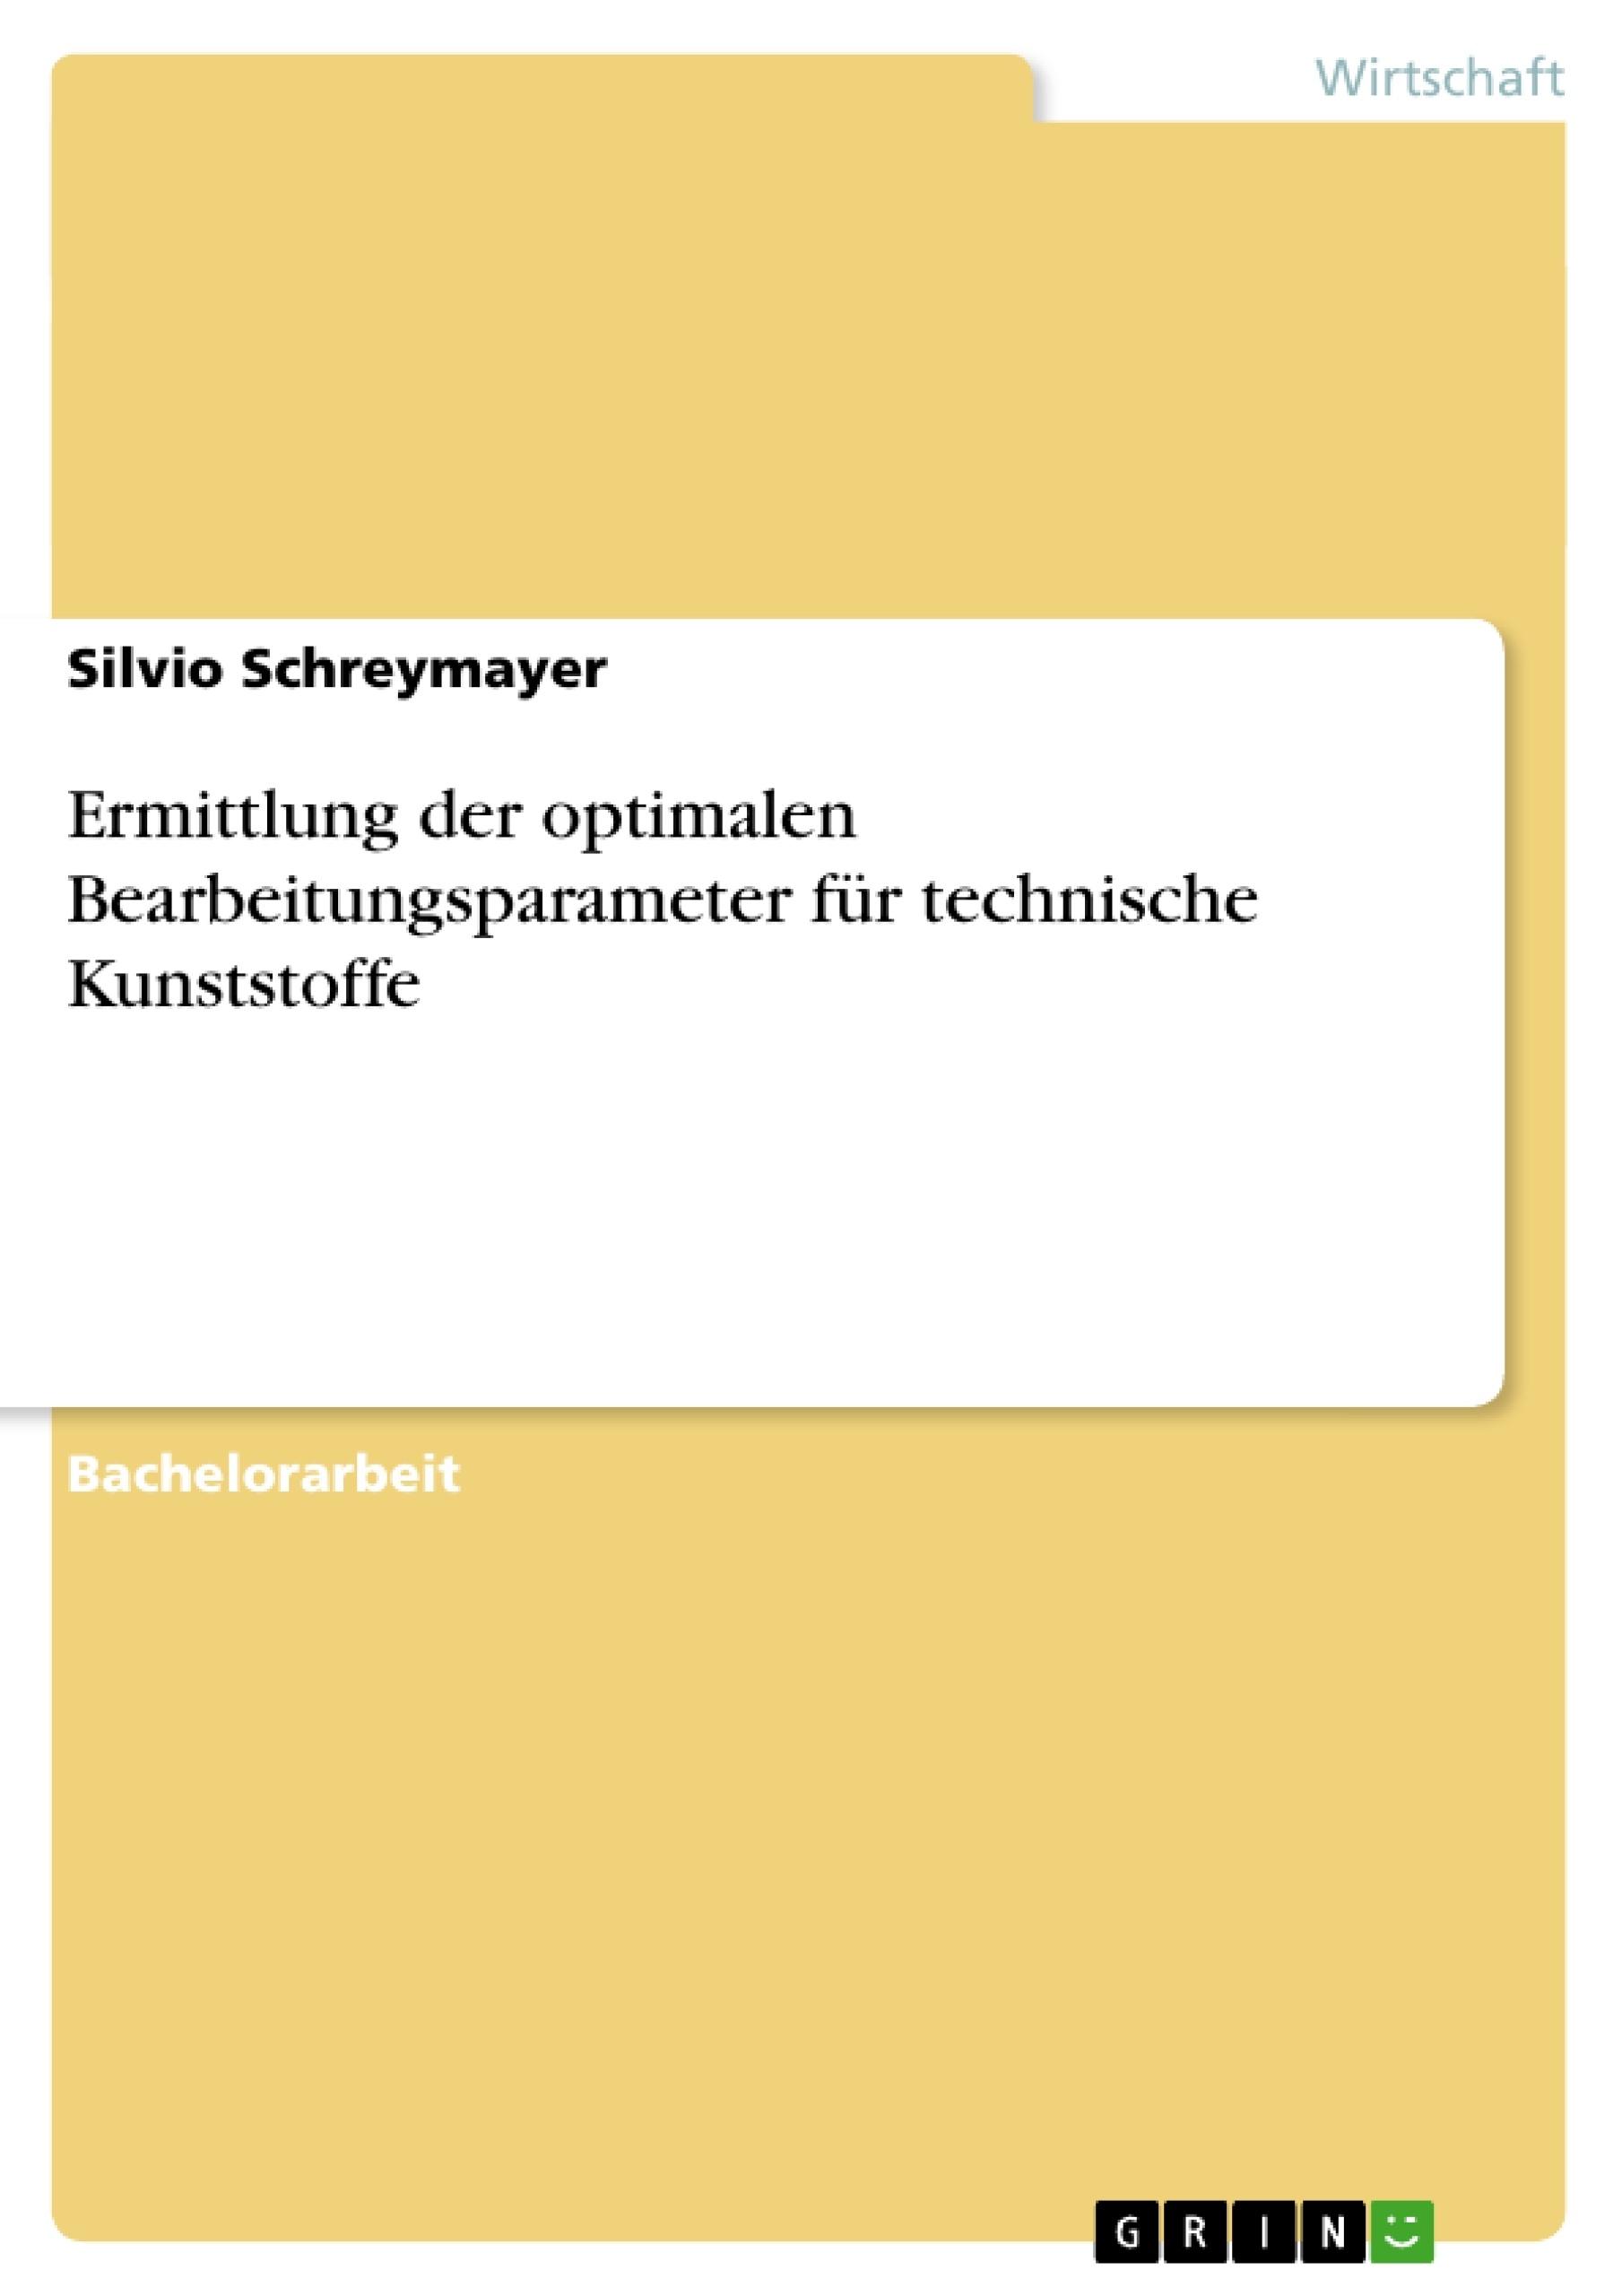 Titel: Ermittlung der optimalen Bearbeitungsparameter für technische Kunststoffe